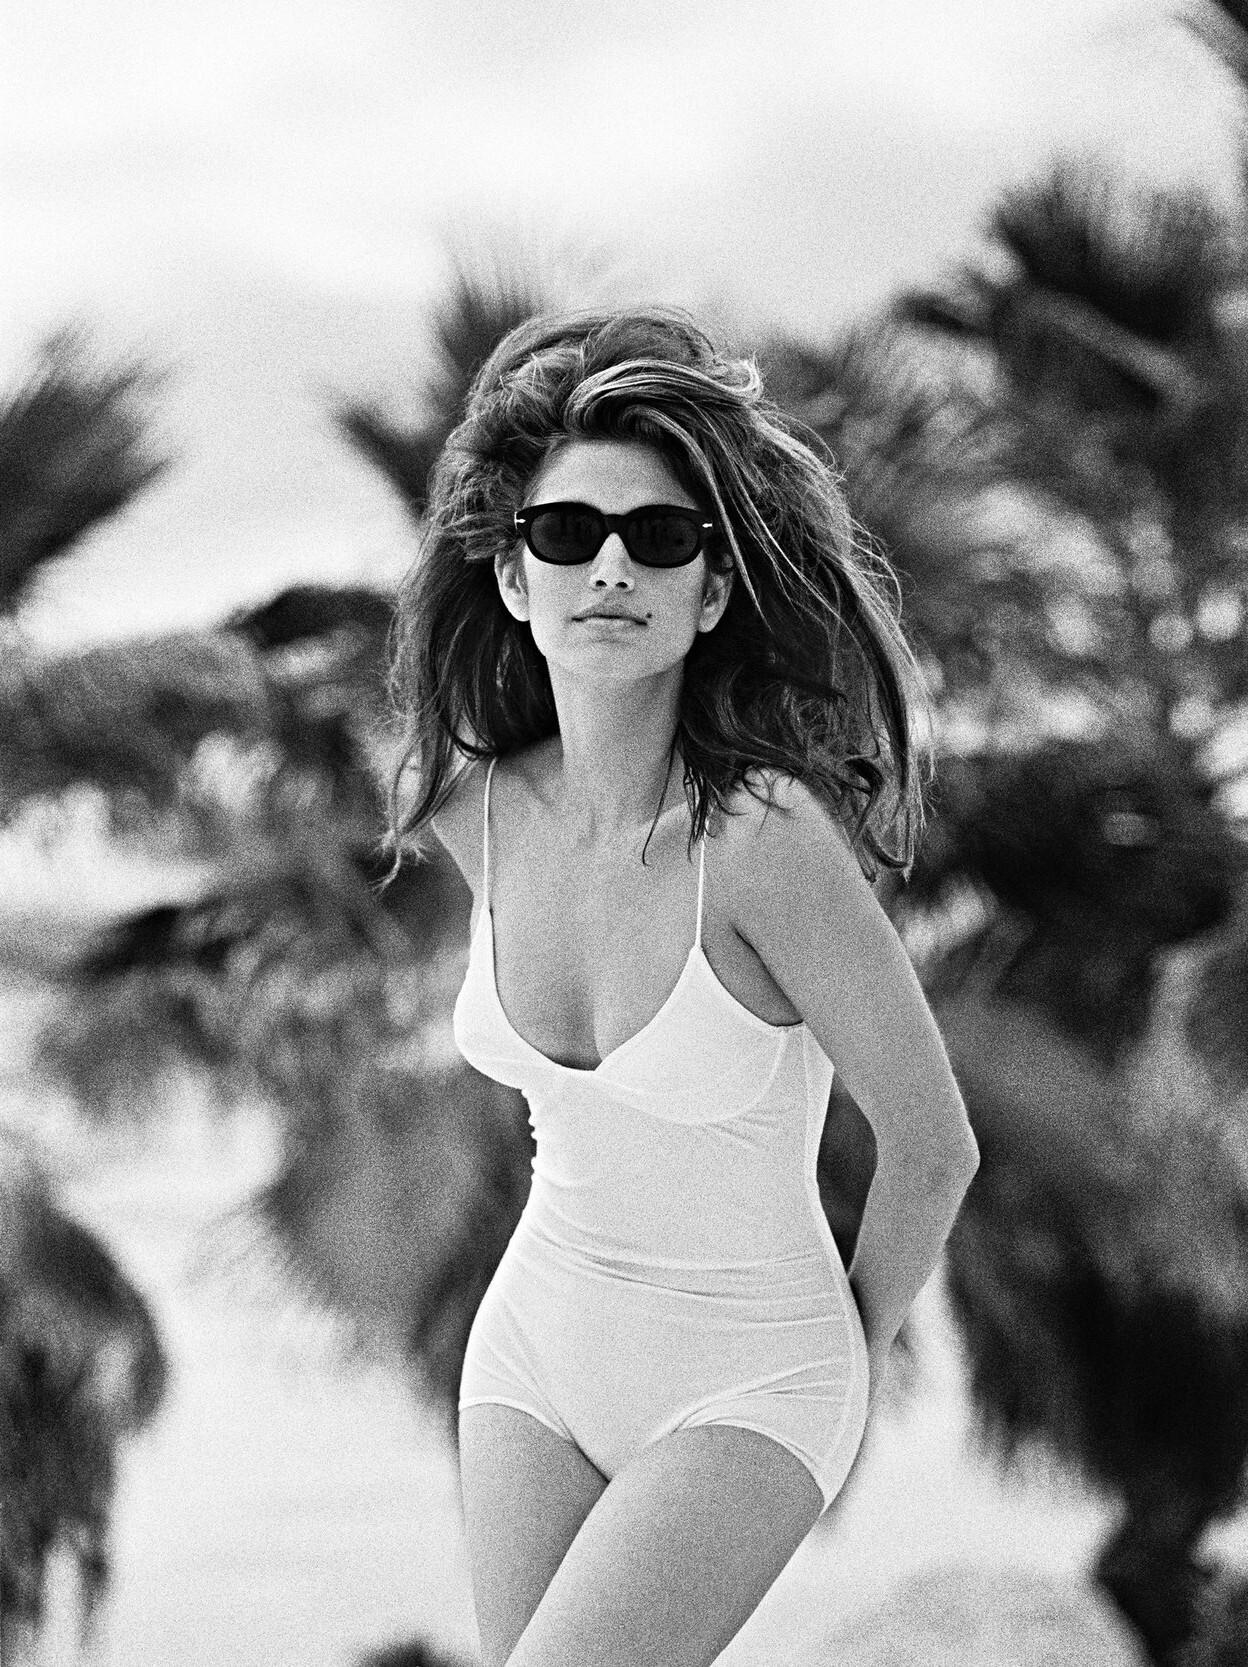 Синди Кроуфорд, 1984. Фотограф Марко Главиано